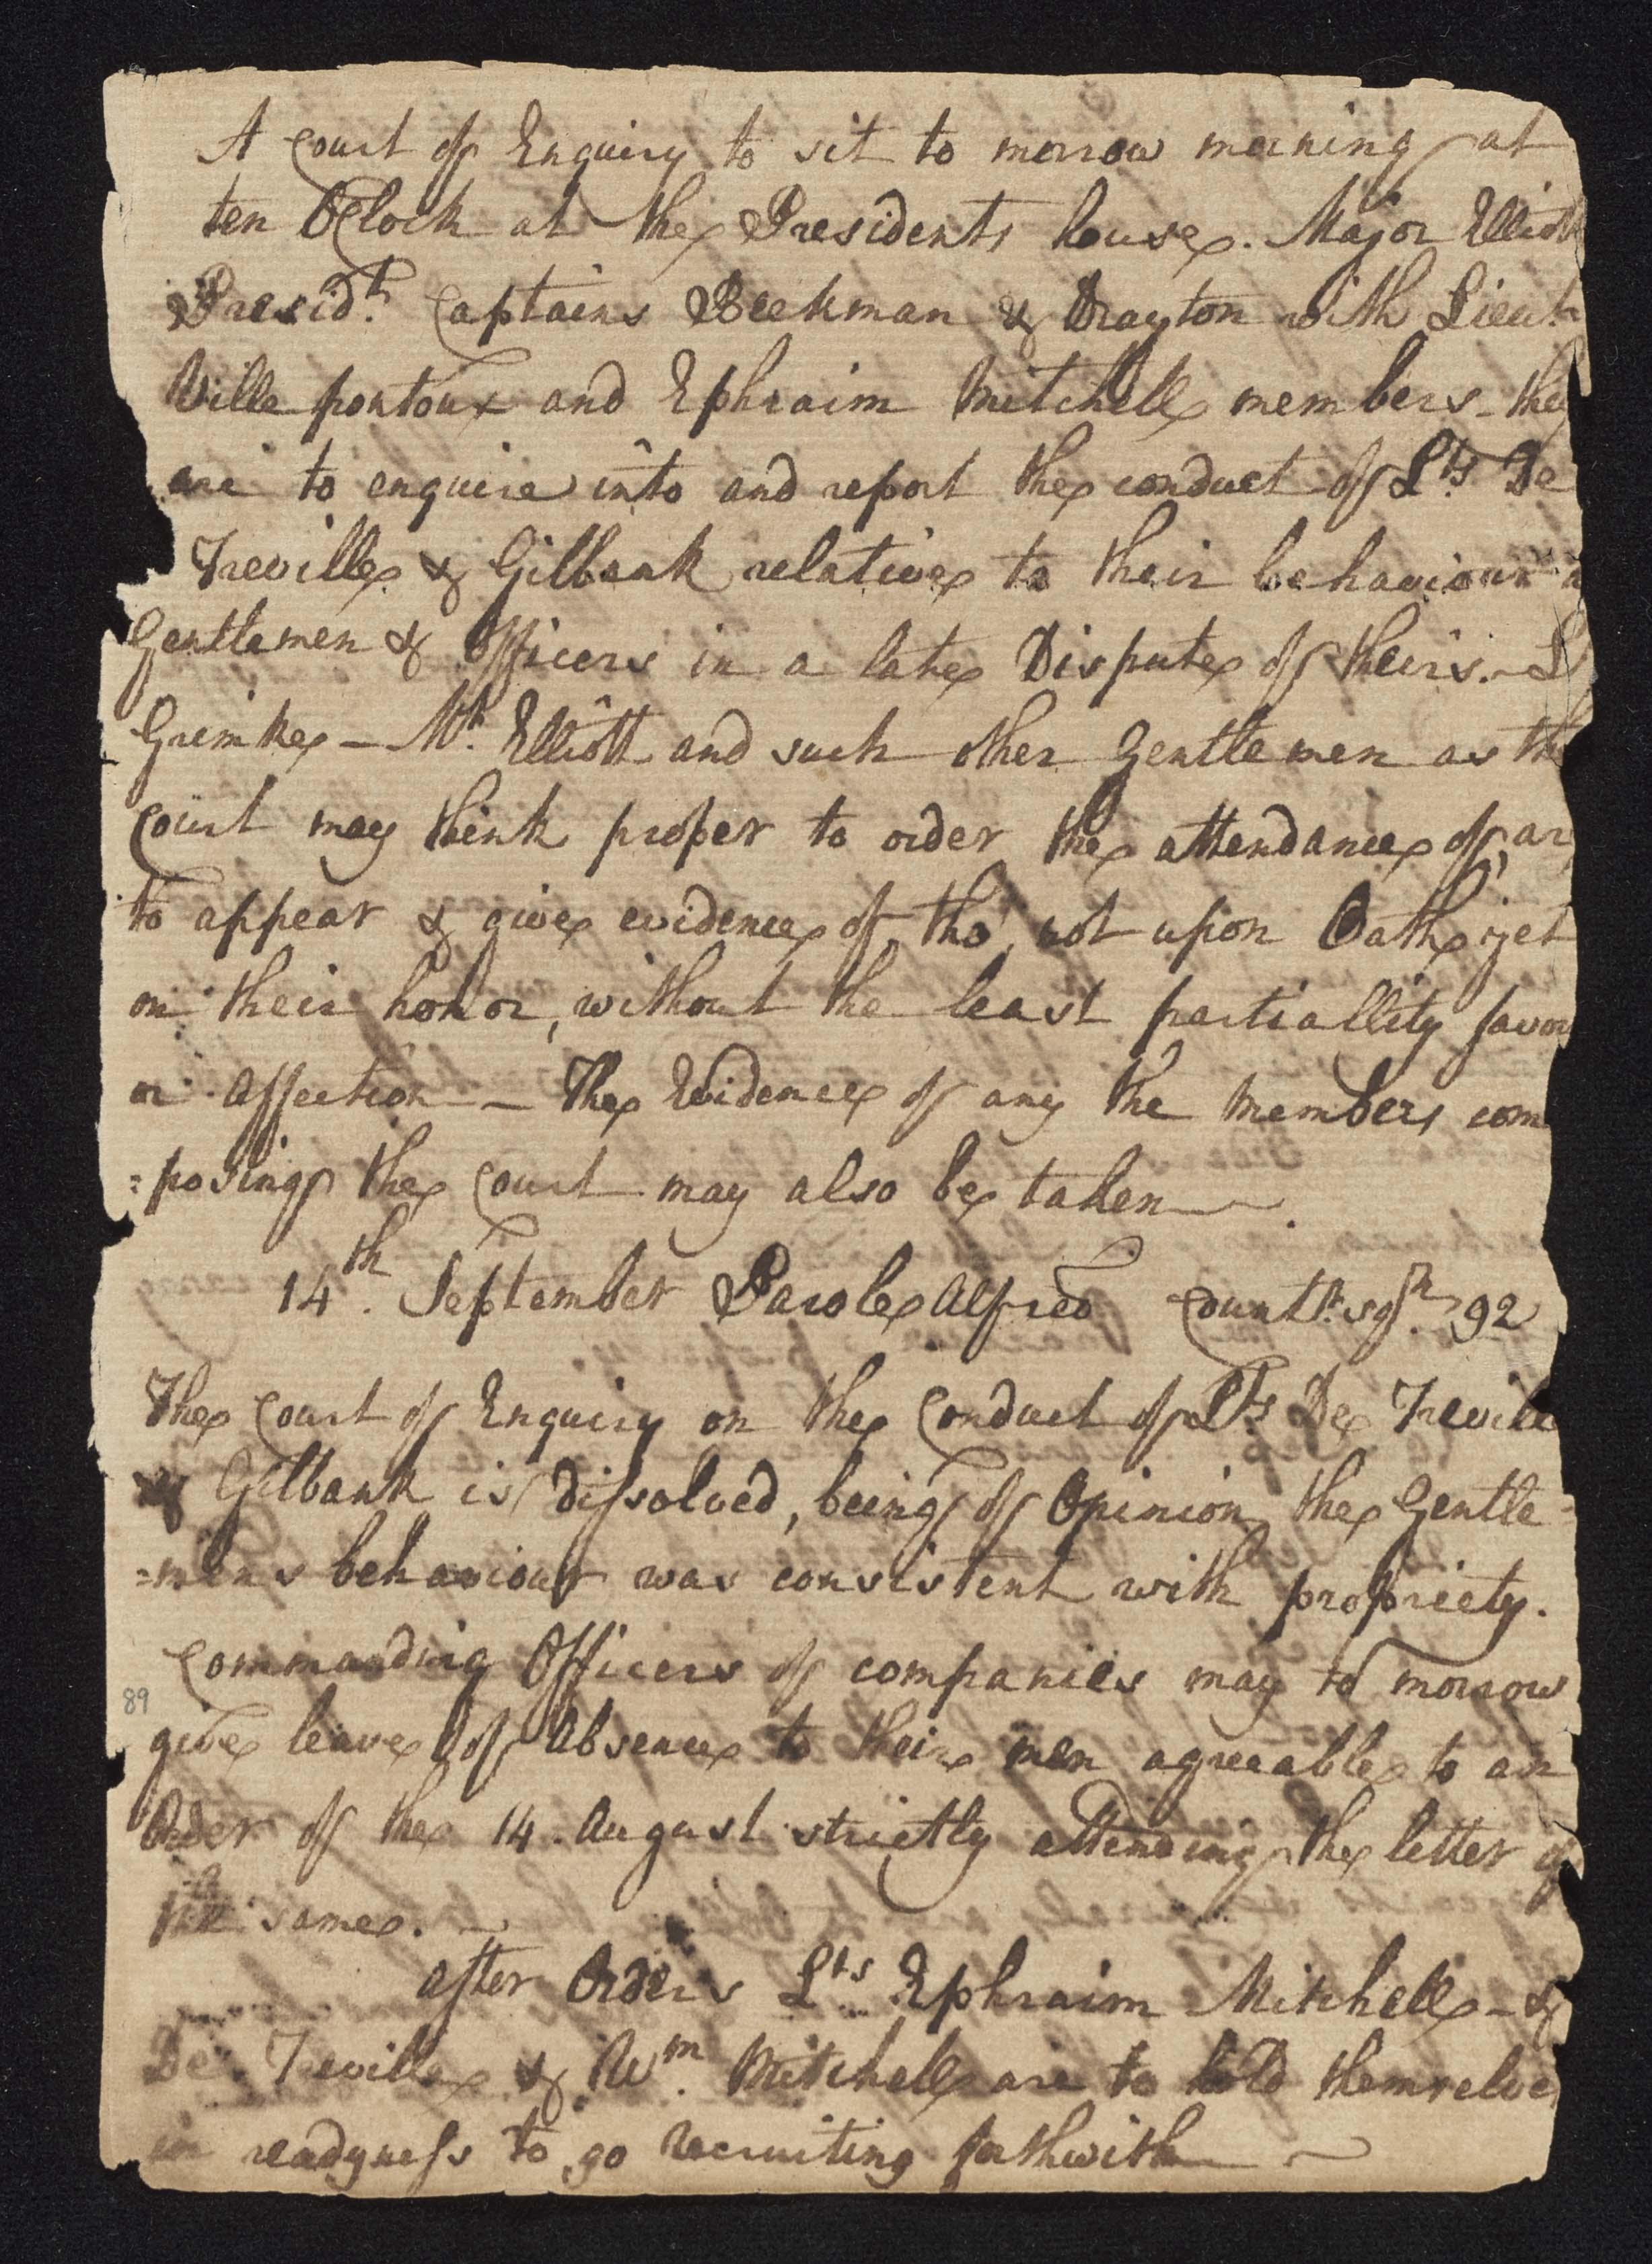 South Carolina Regiment Order Book, Page 177